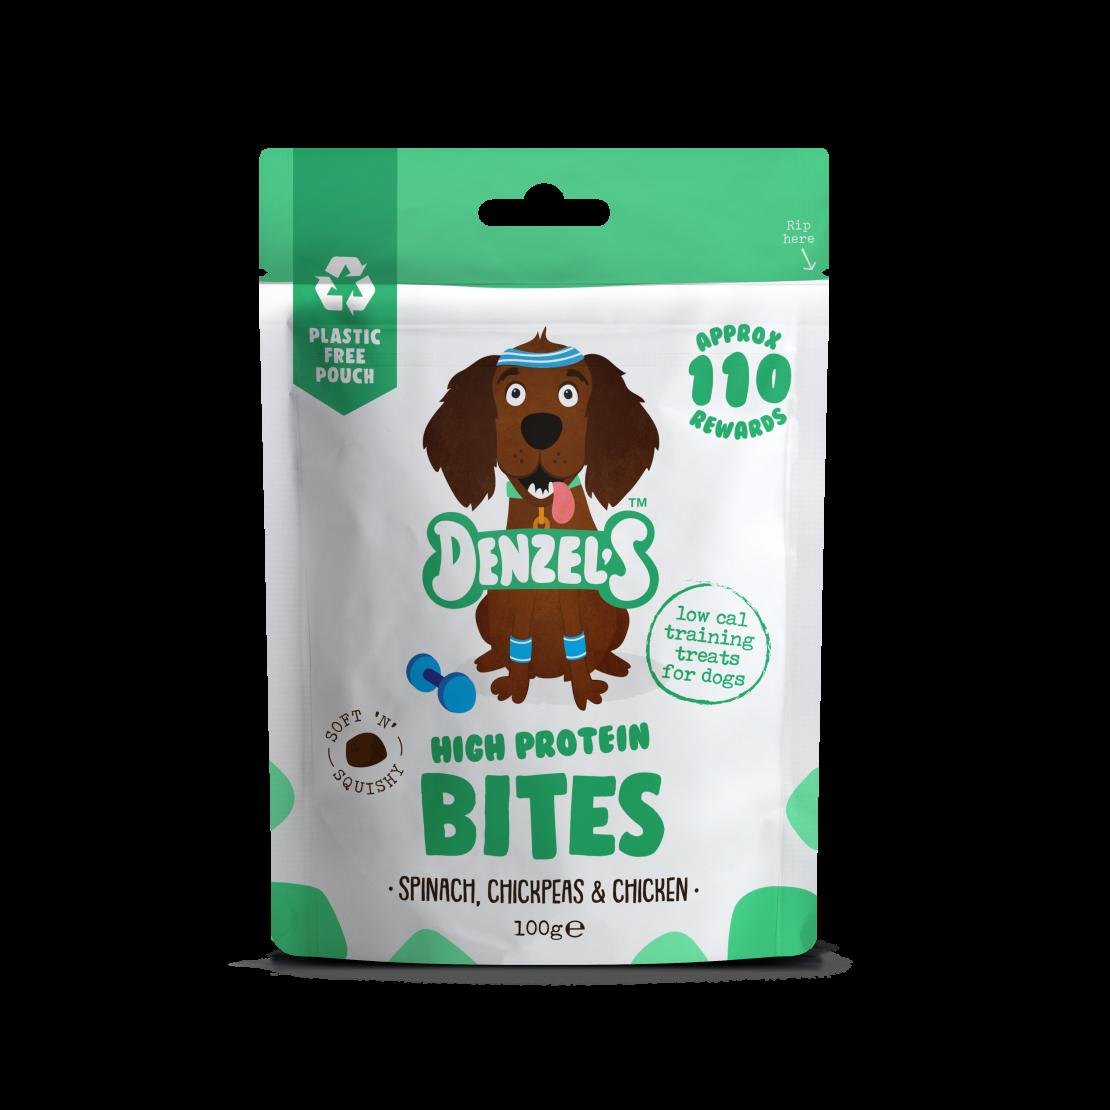 Denzel's High Protein Bites For Dogs Spinach Chickpeas & Chicken 100g